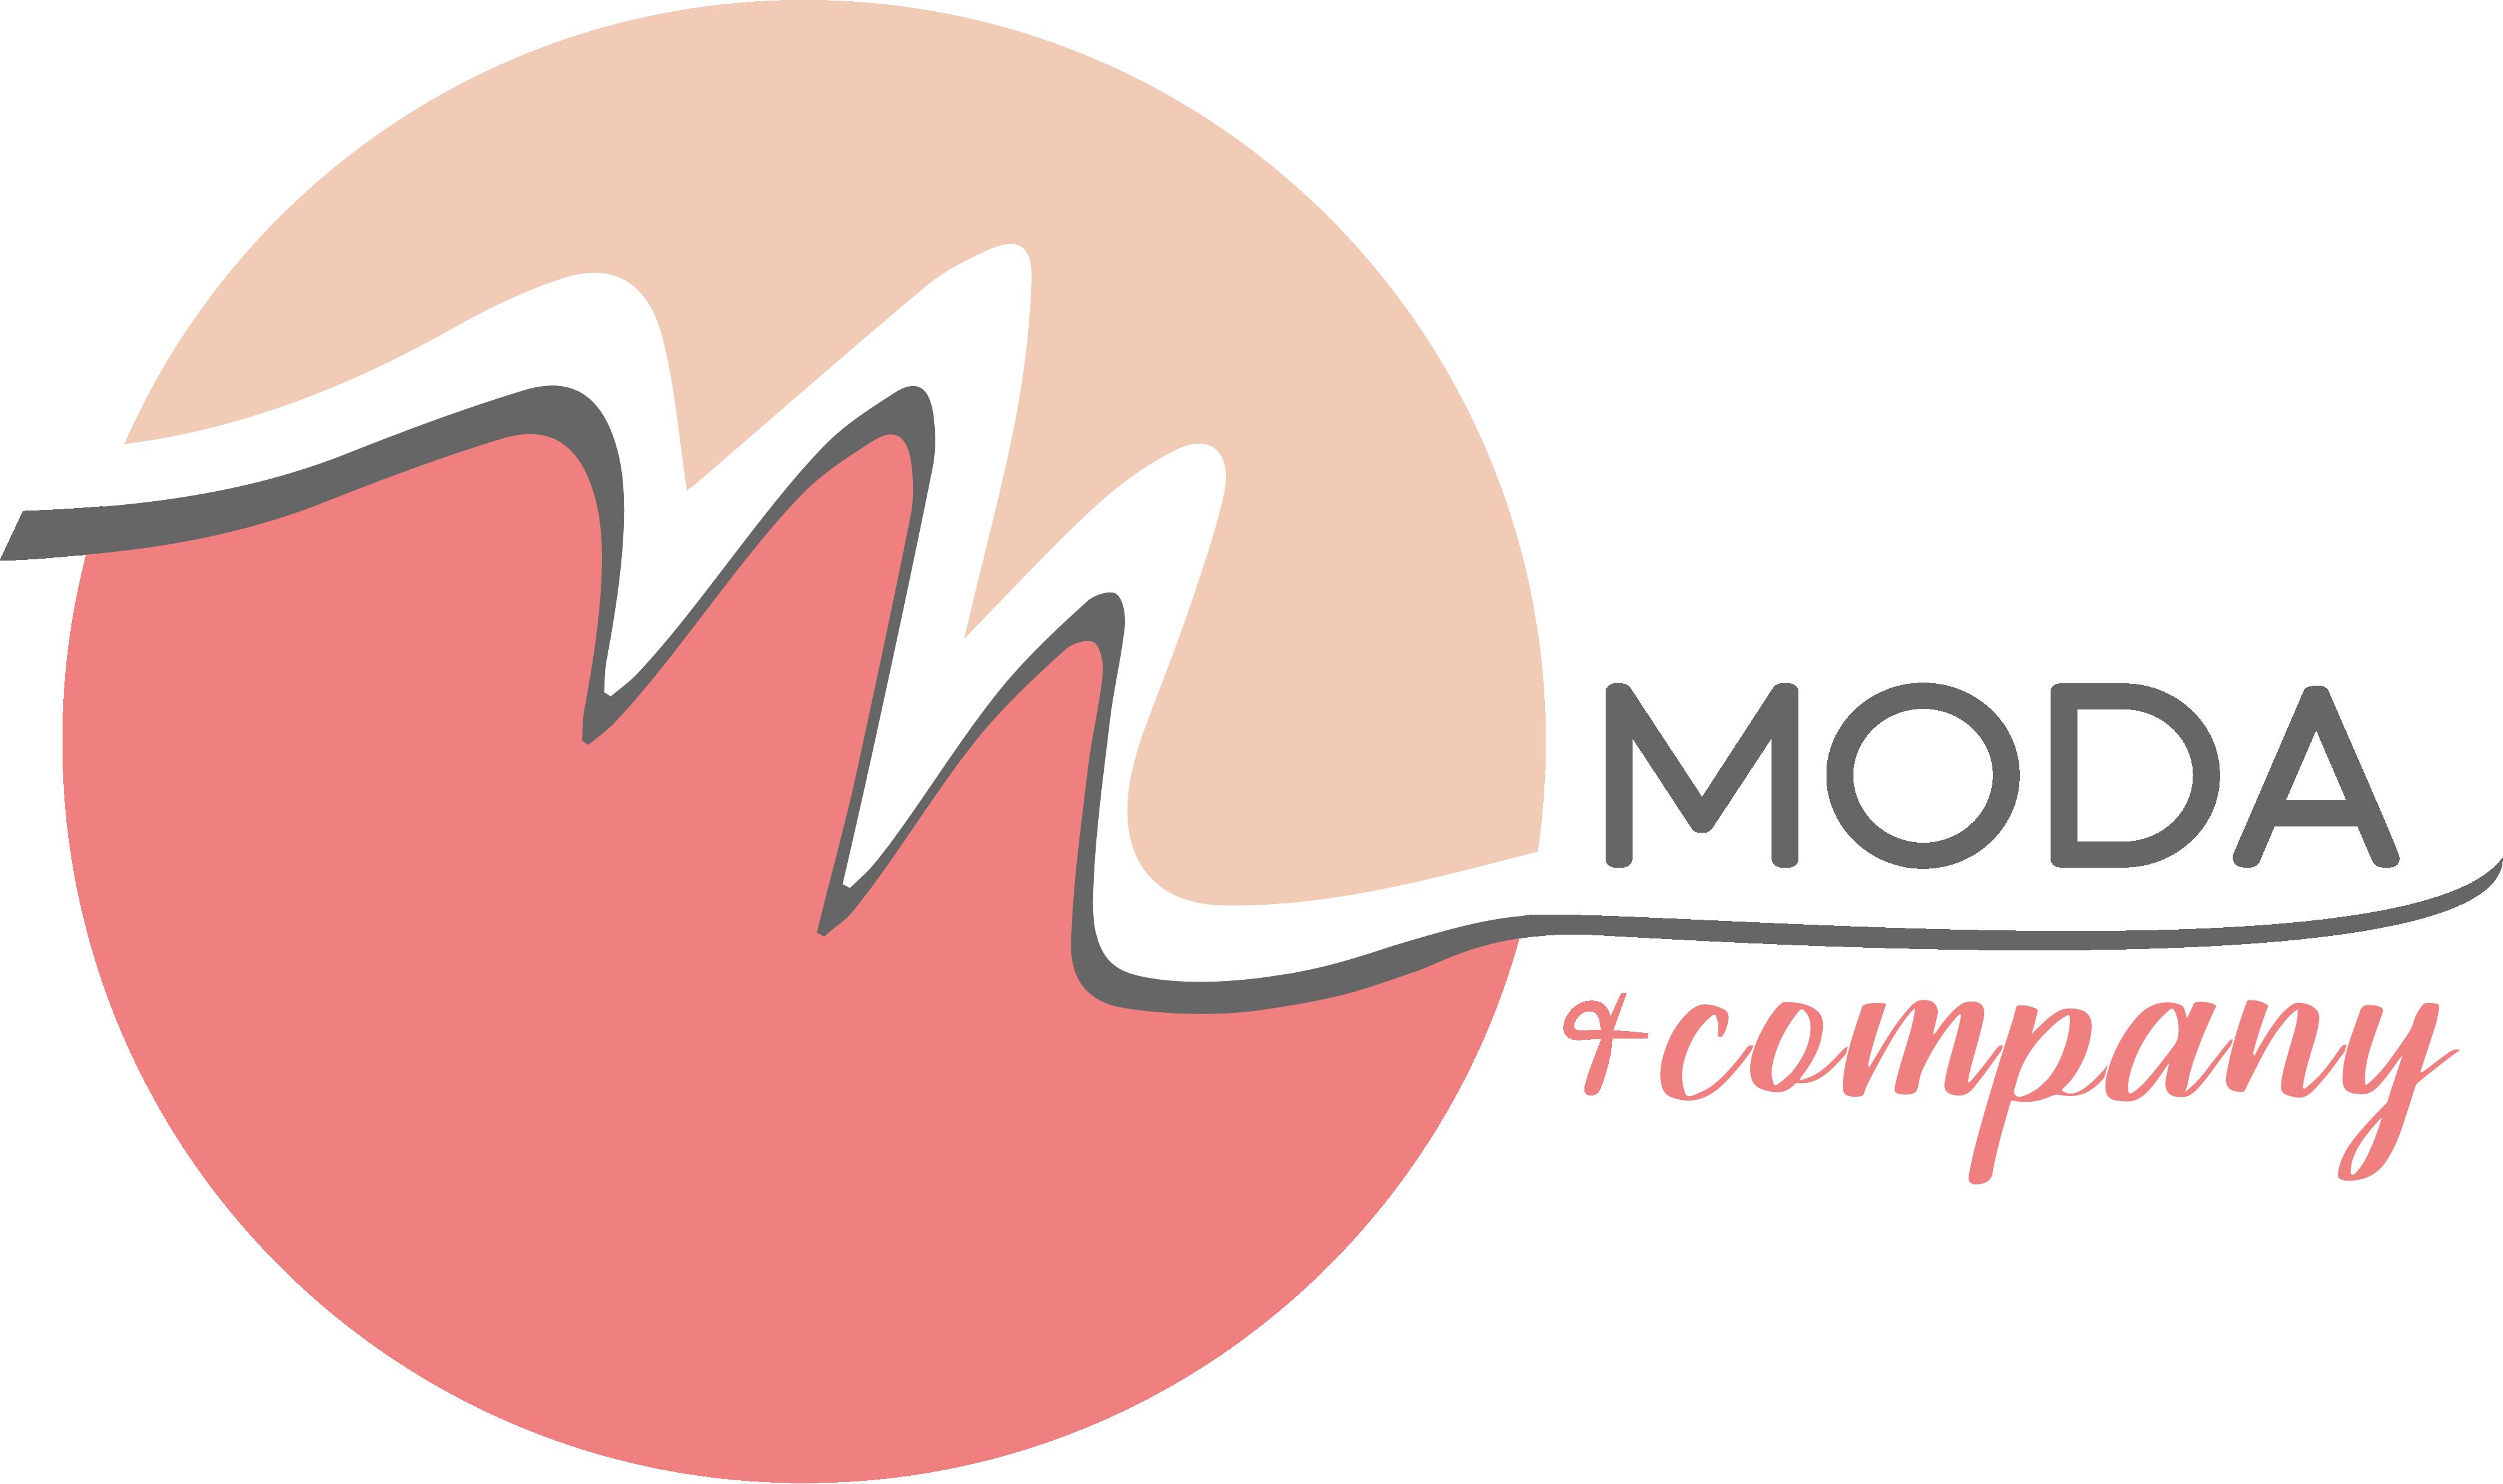 MODA & Company